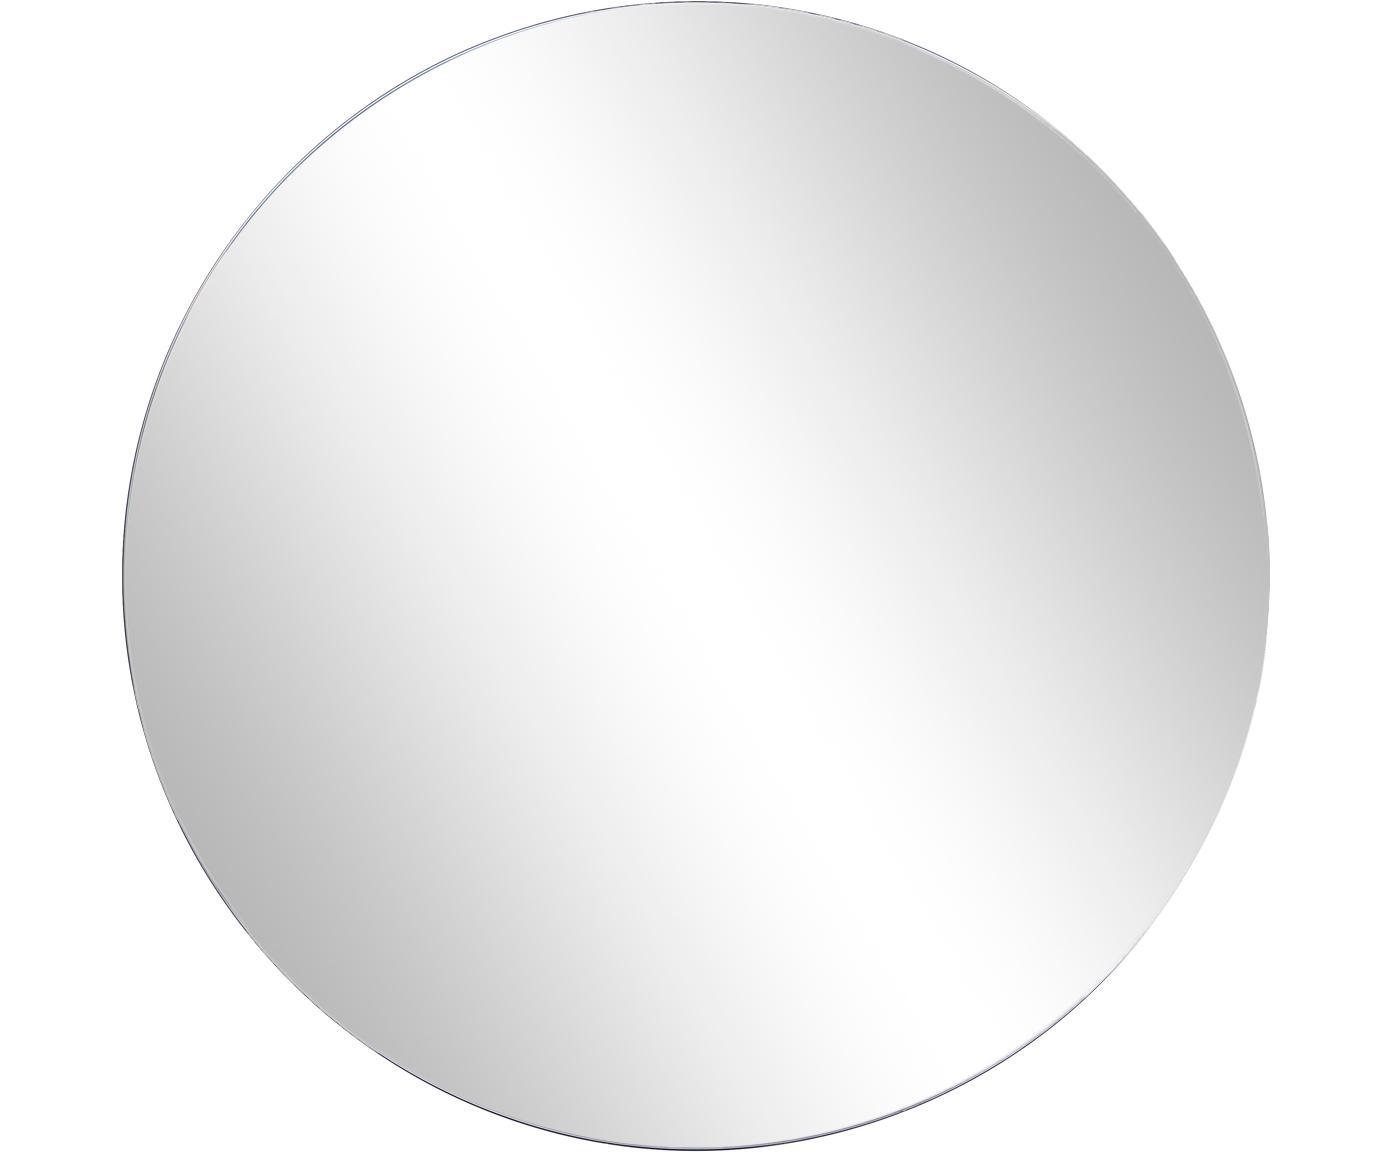 Espejo de pared Walls, Espejo de cristal, Espejo, Ø 80 cm